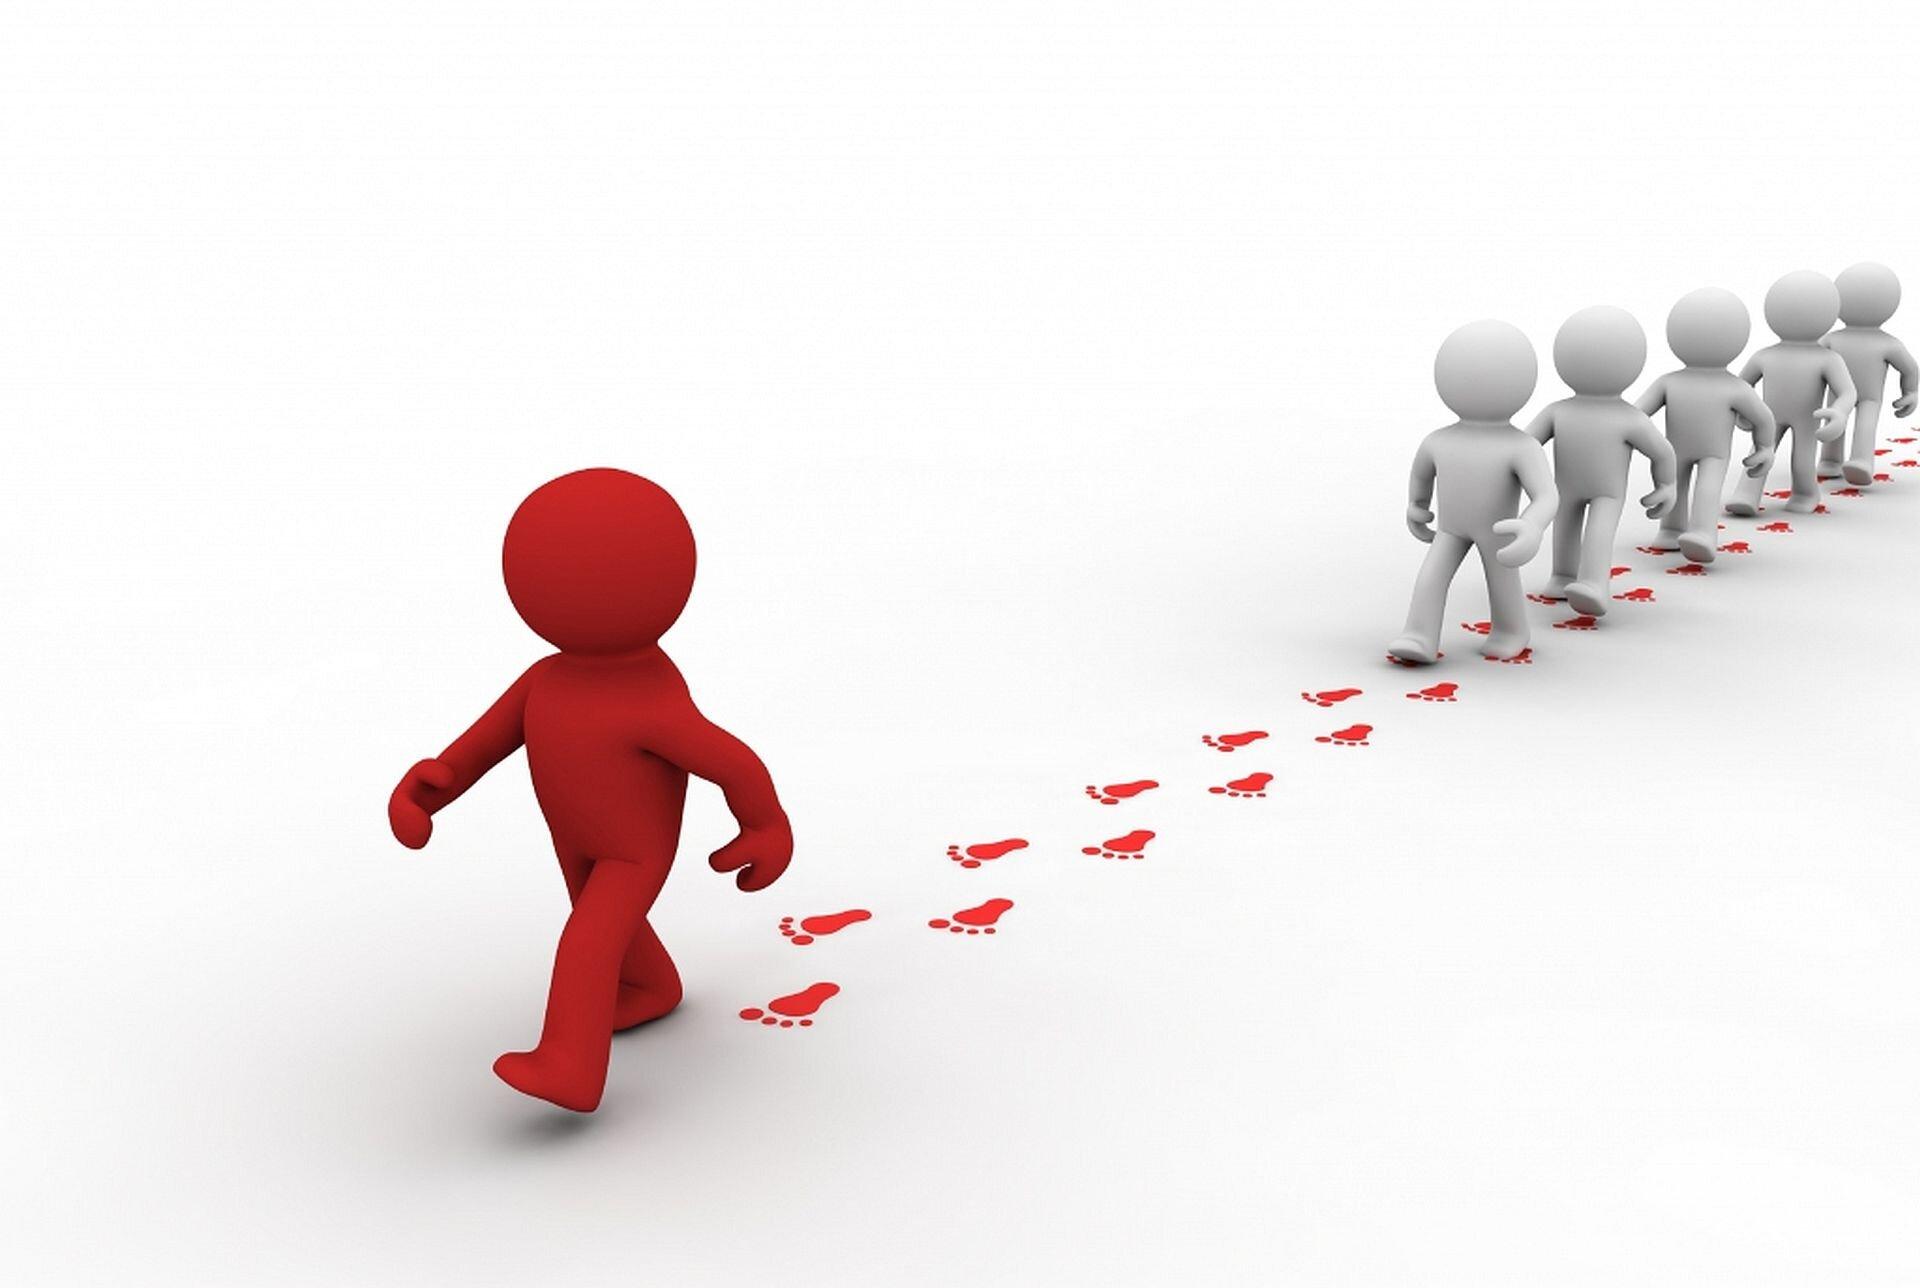 Ilustracja przedstawia czerwonego ludzika, które idzie kilkoro niebieskich ludzików.